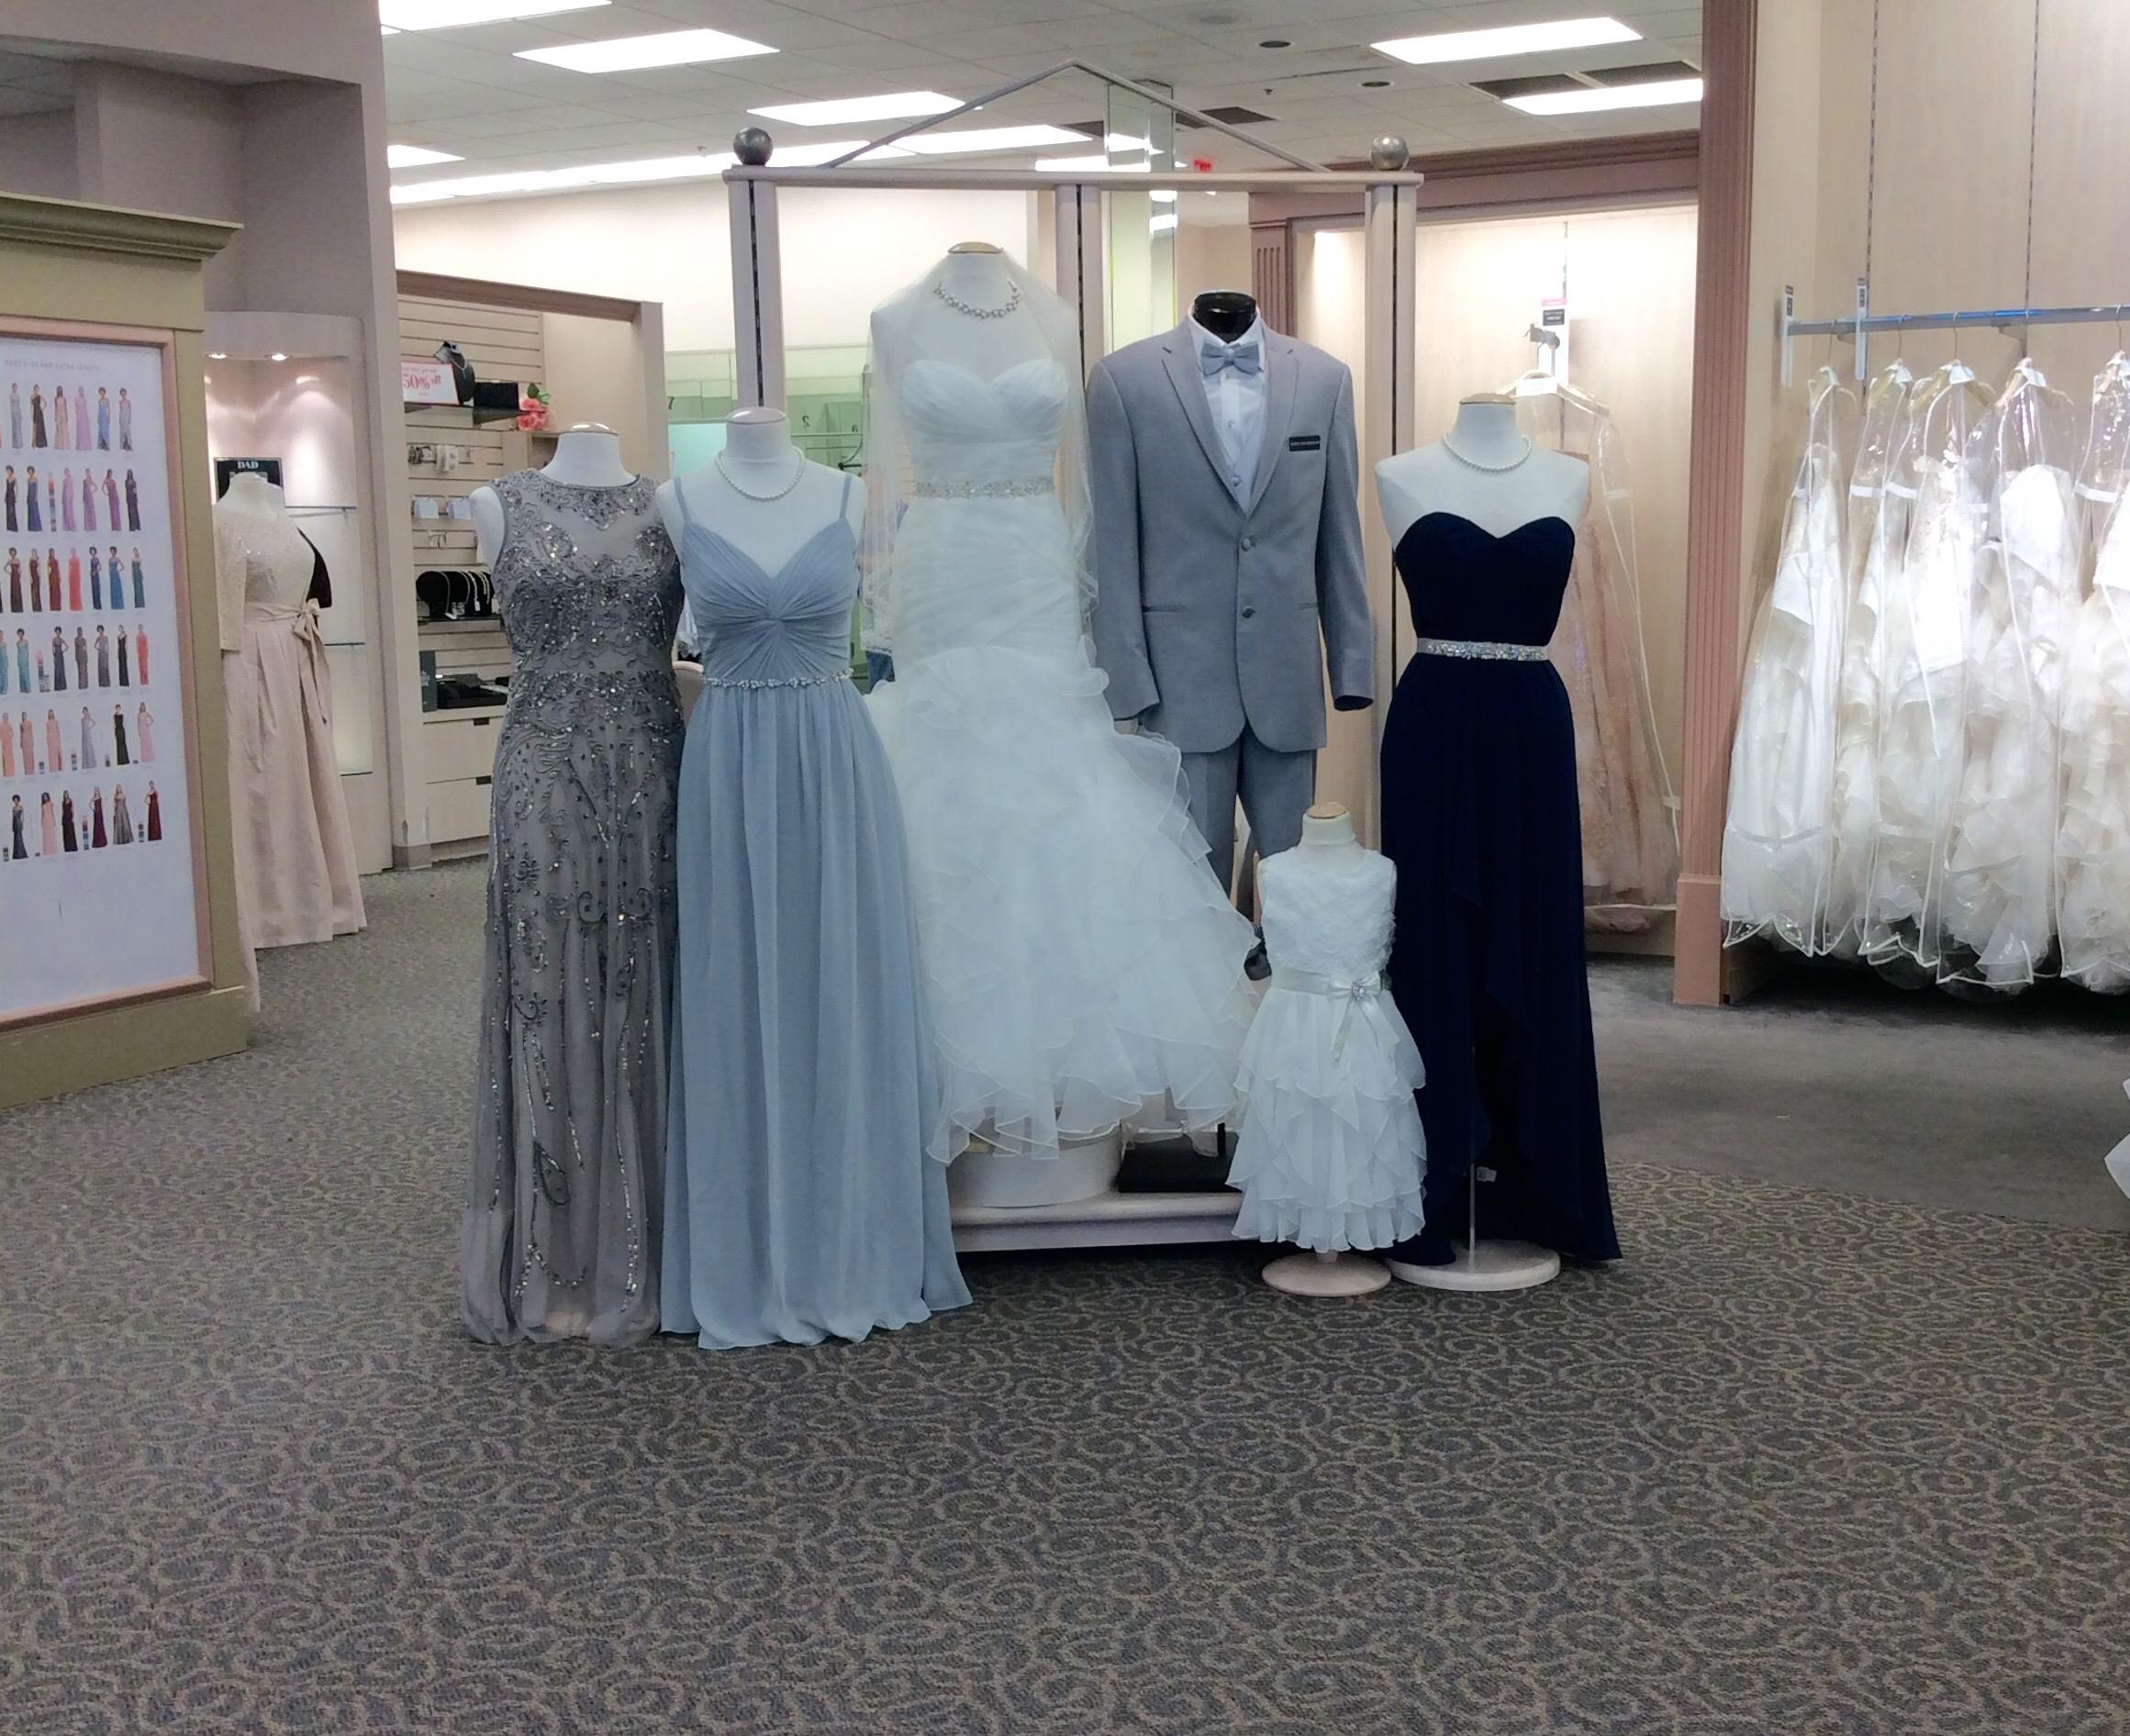 David\'s Bridal 5915 Bluebonnet Blvd, Baton Rouge, LA 70836 - YP.com